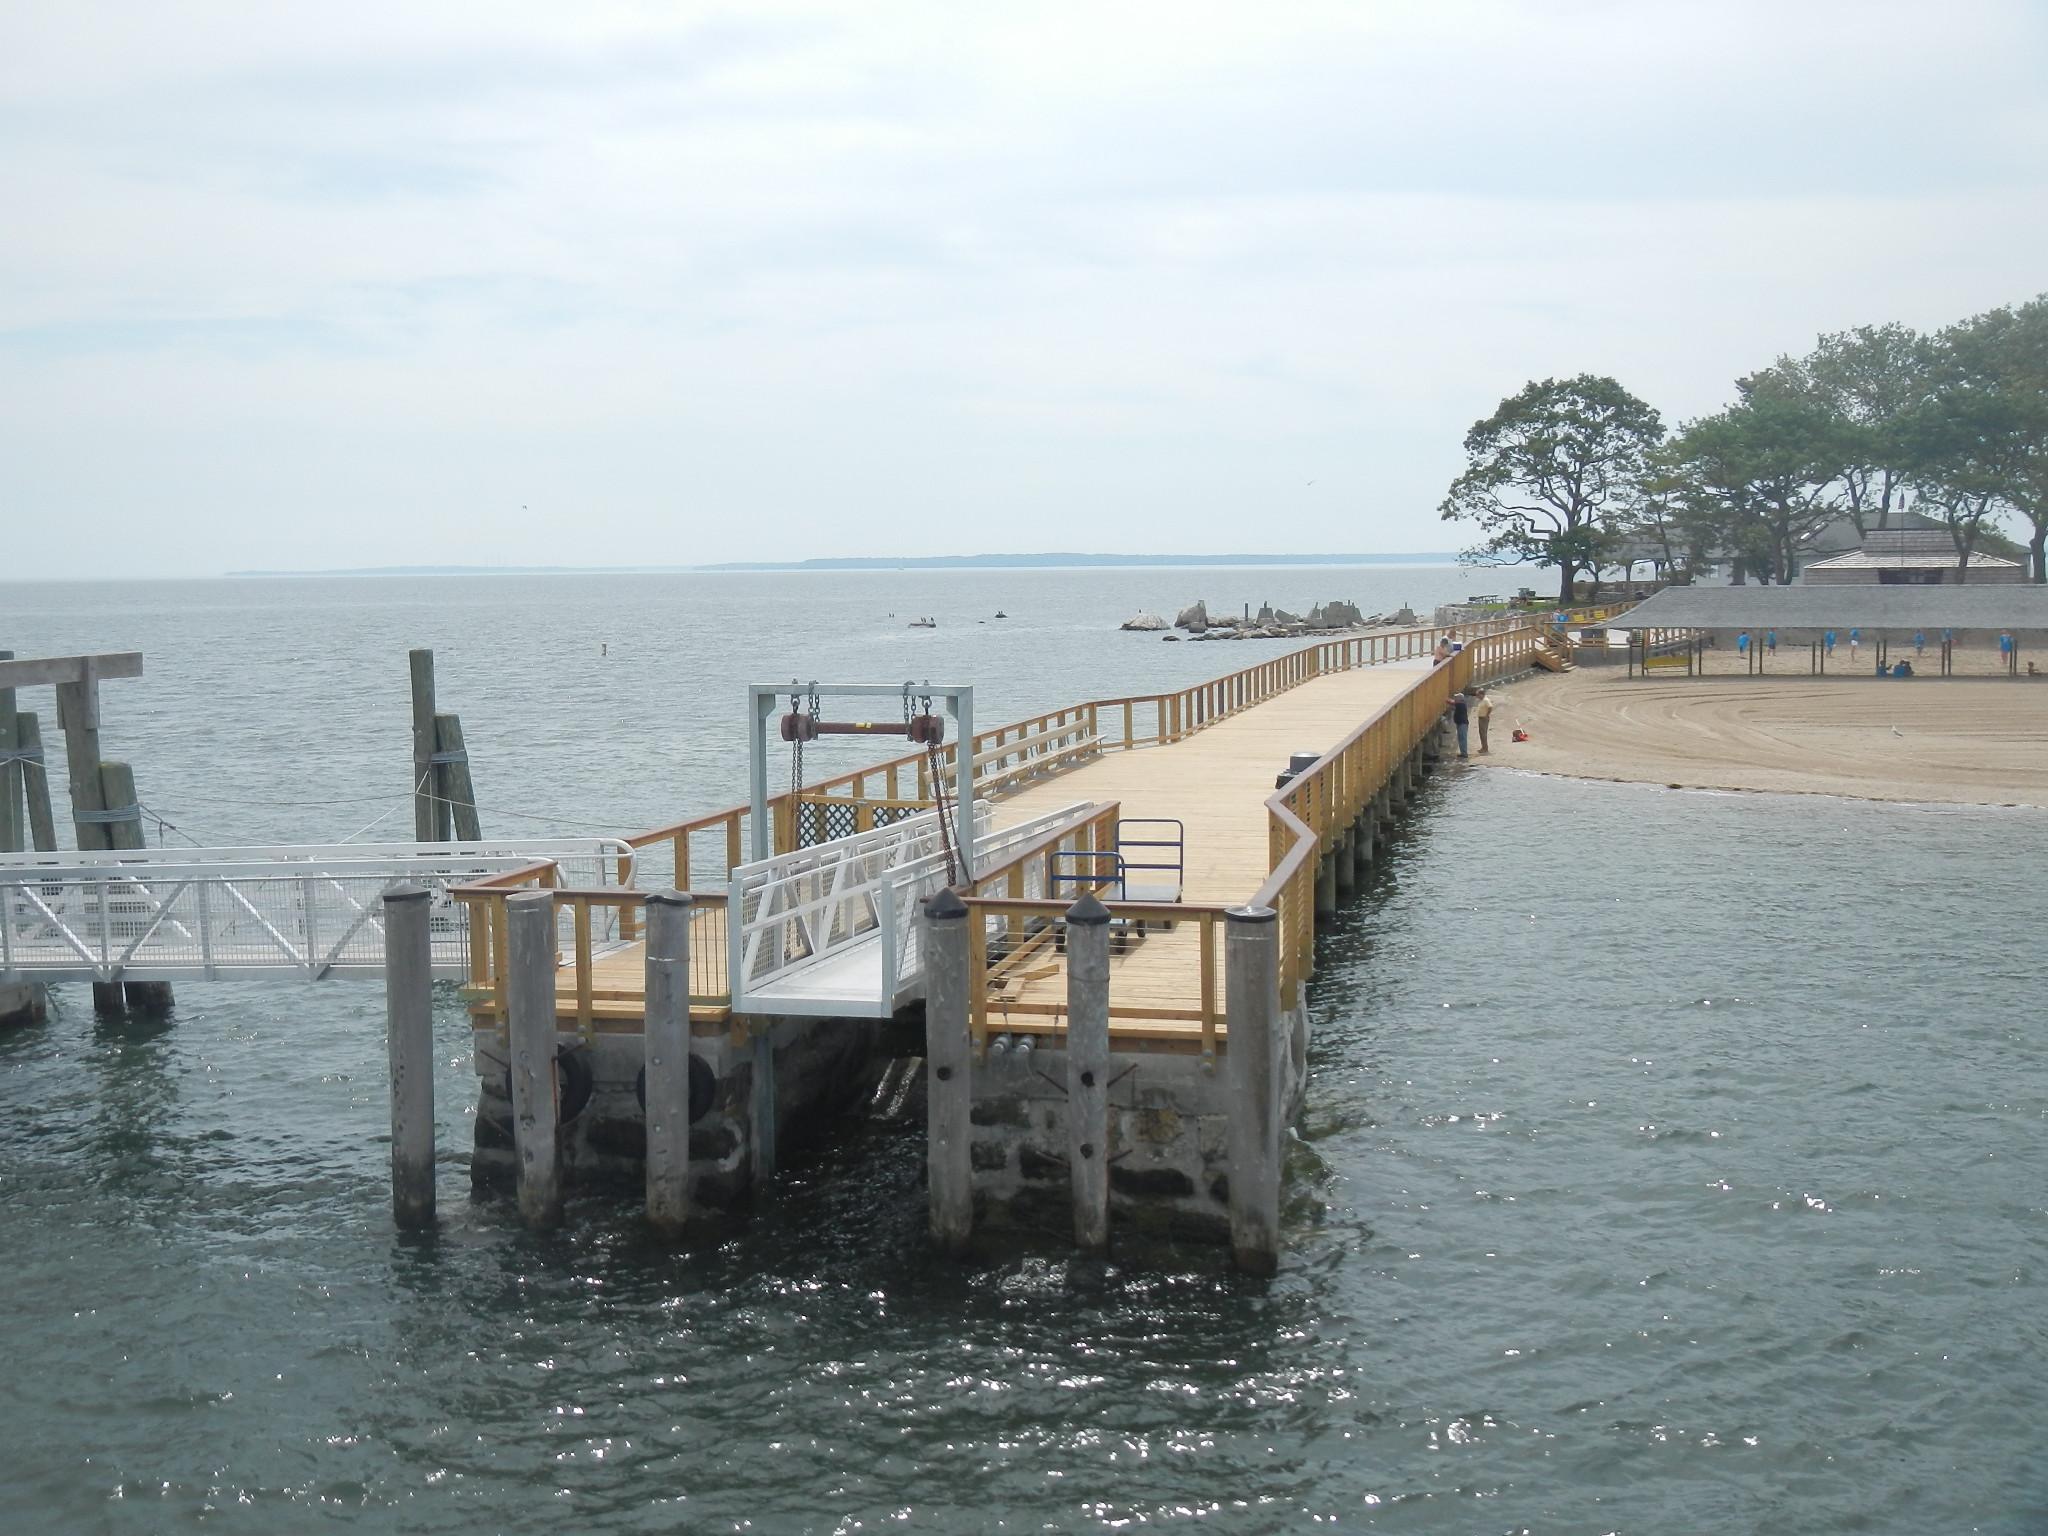 6 Island Beach Pier - After Construction 1